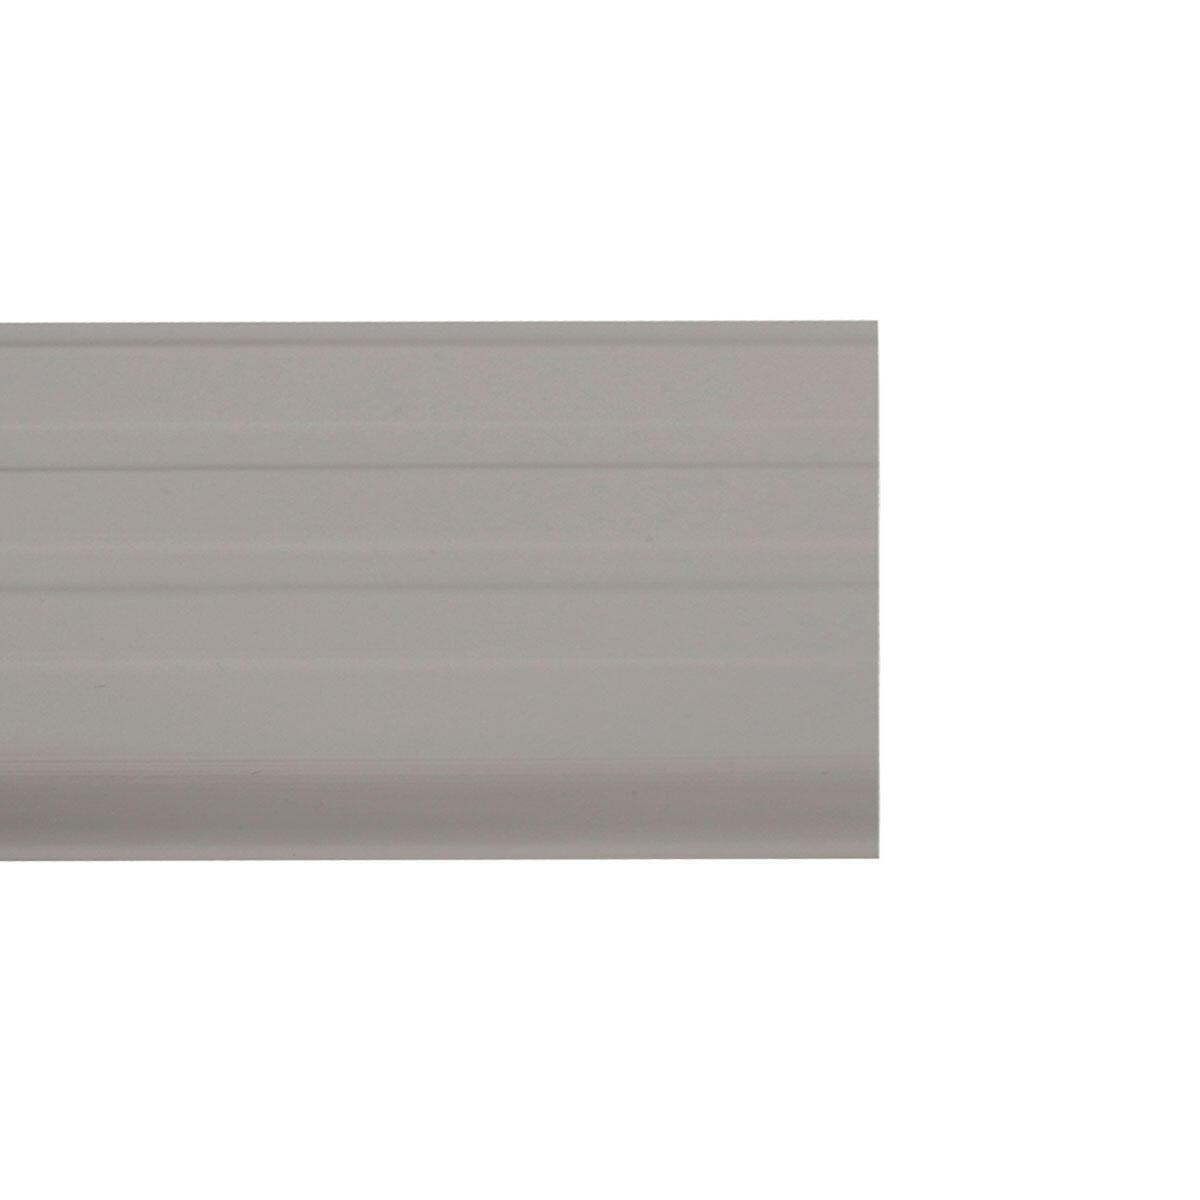 Battiscopa H 7 cm x L 2 m rovere grigio - 4